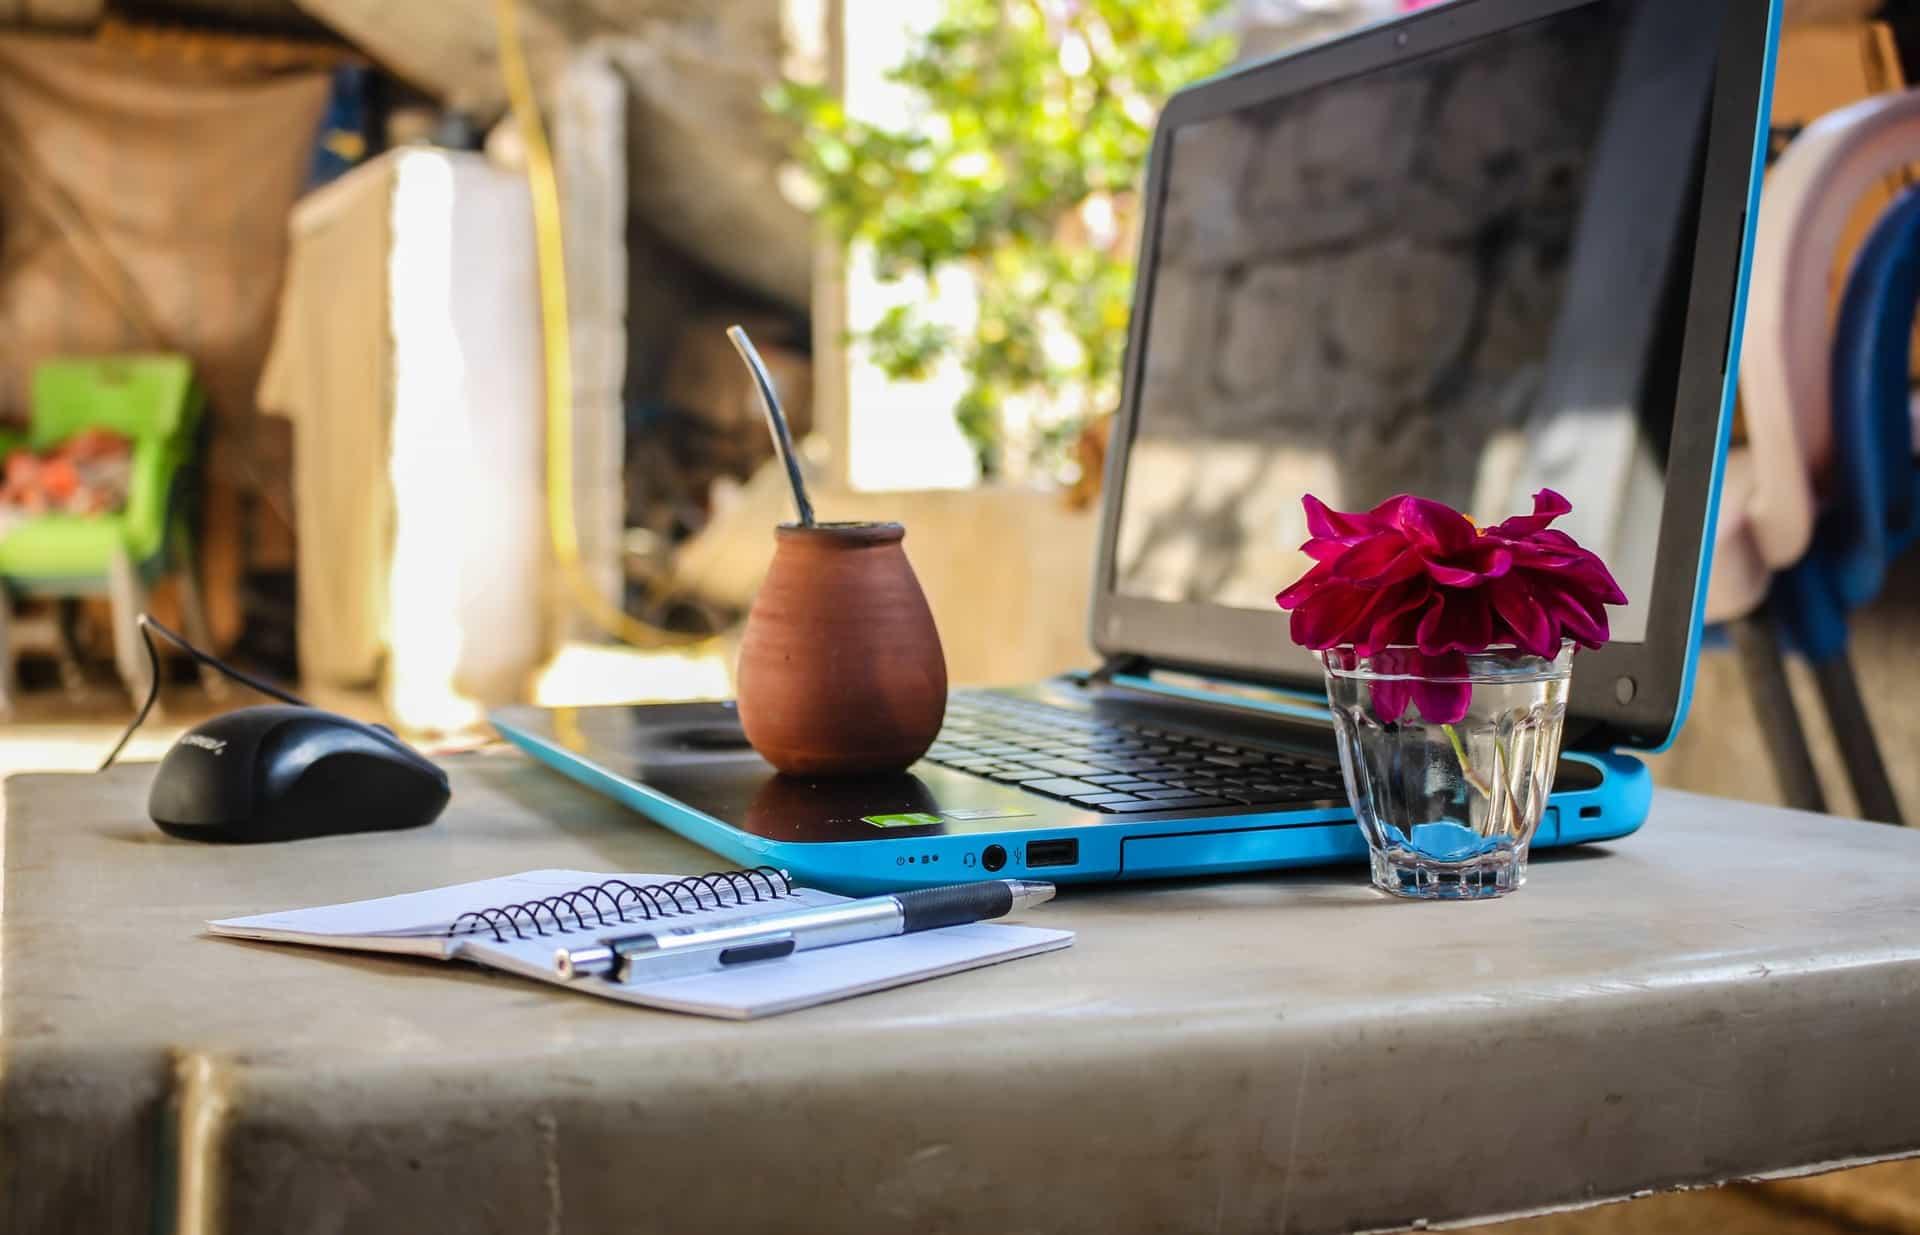 ordinateur travailler chez soi à l'extérieur